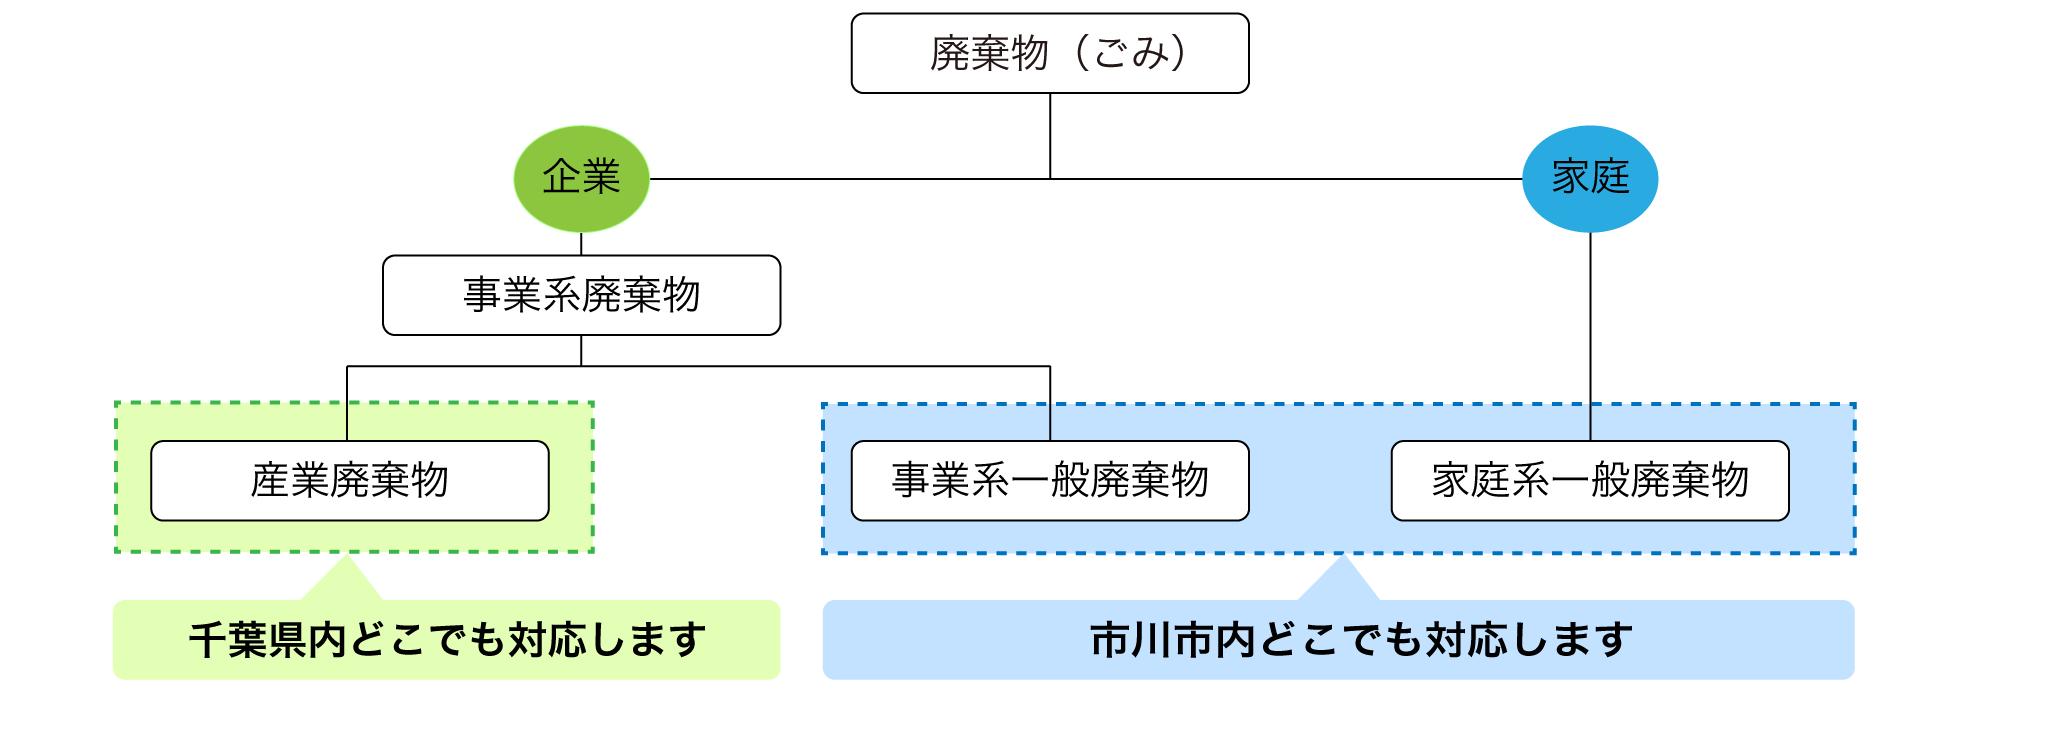 img_haiki